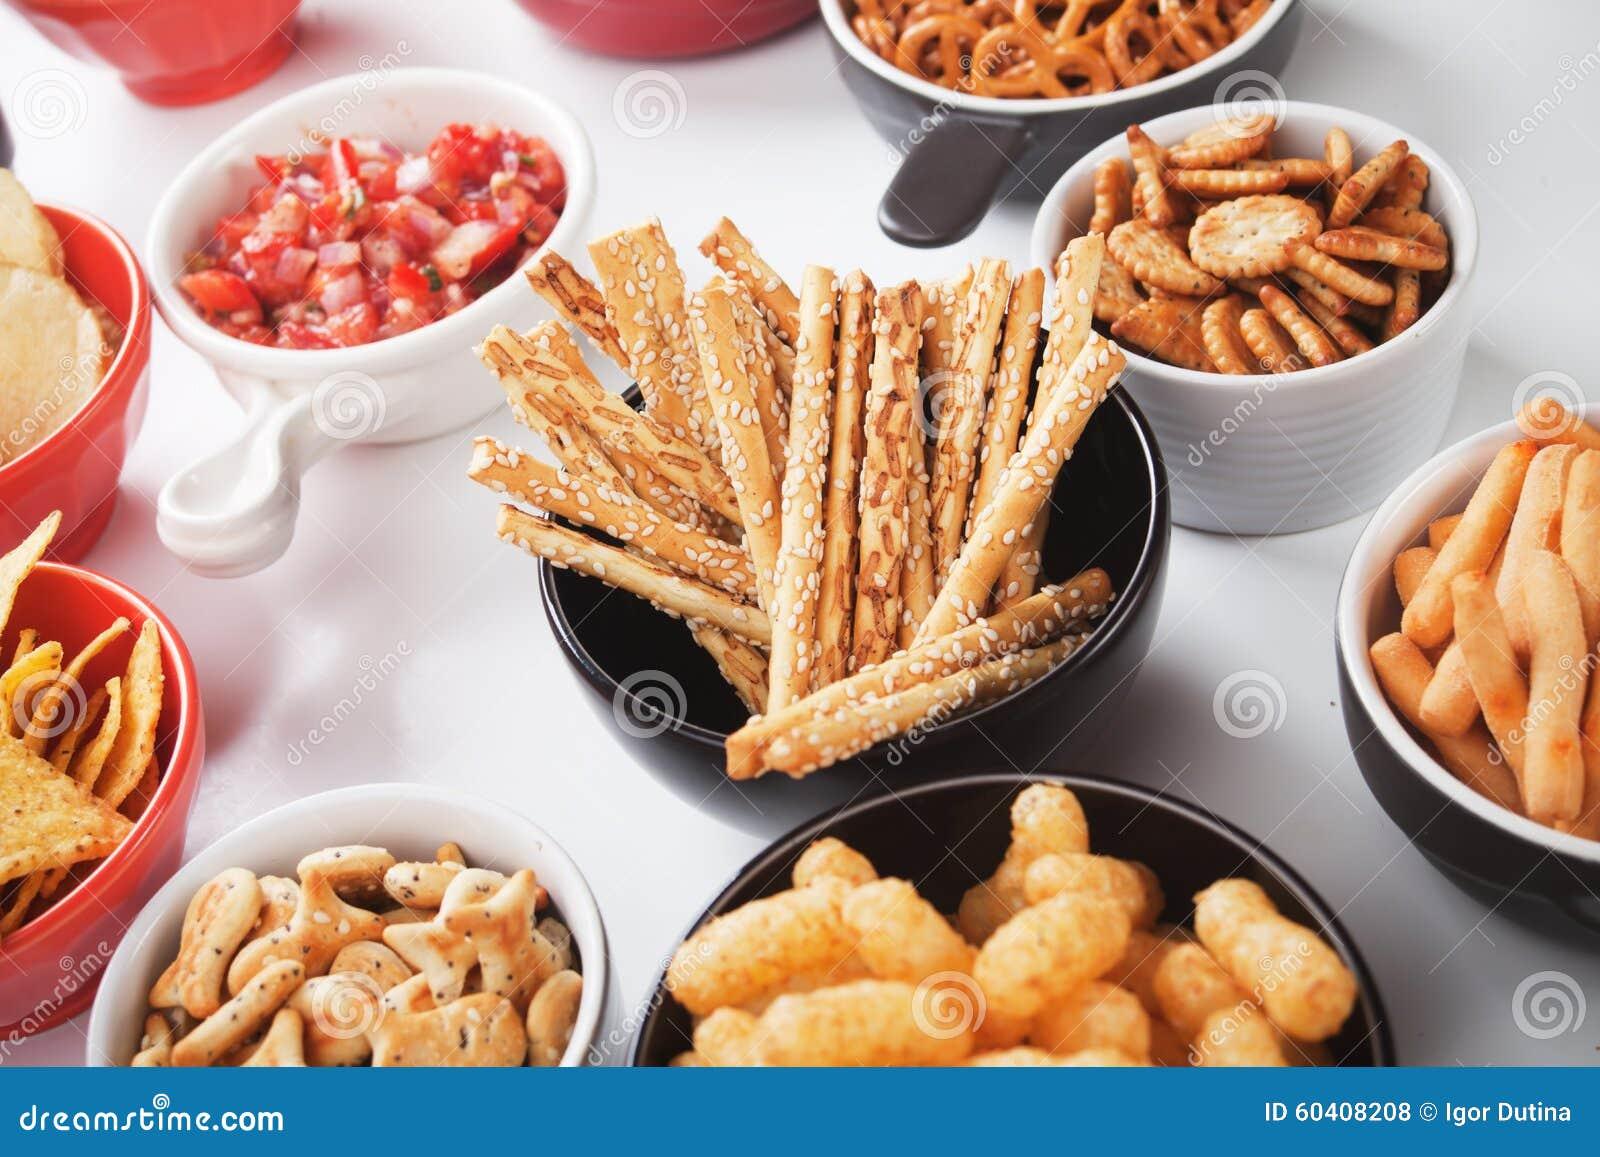 Grissini咸棍子用芝麻和其他美味快餐